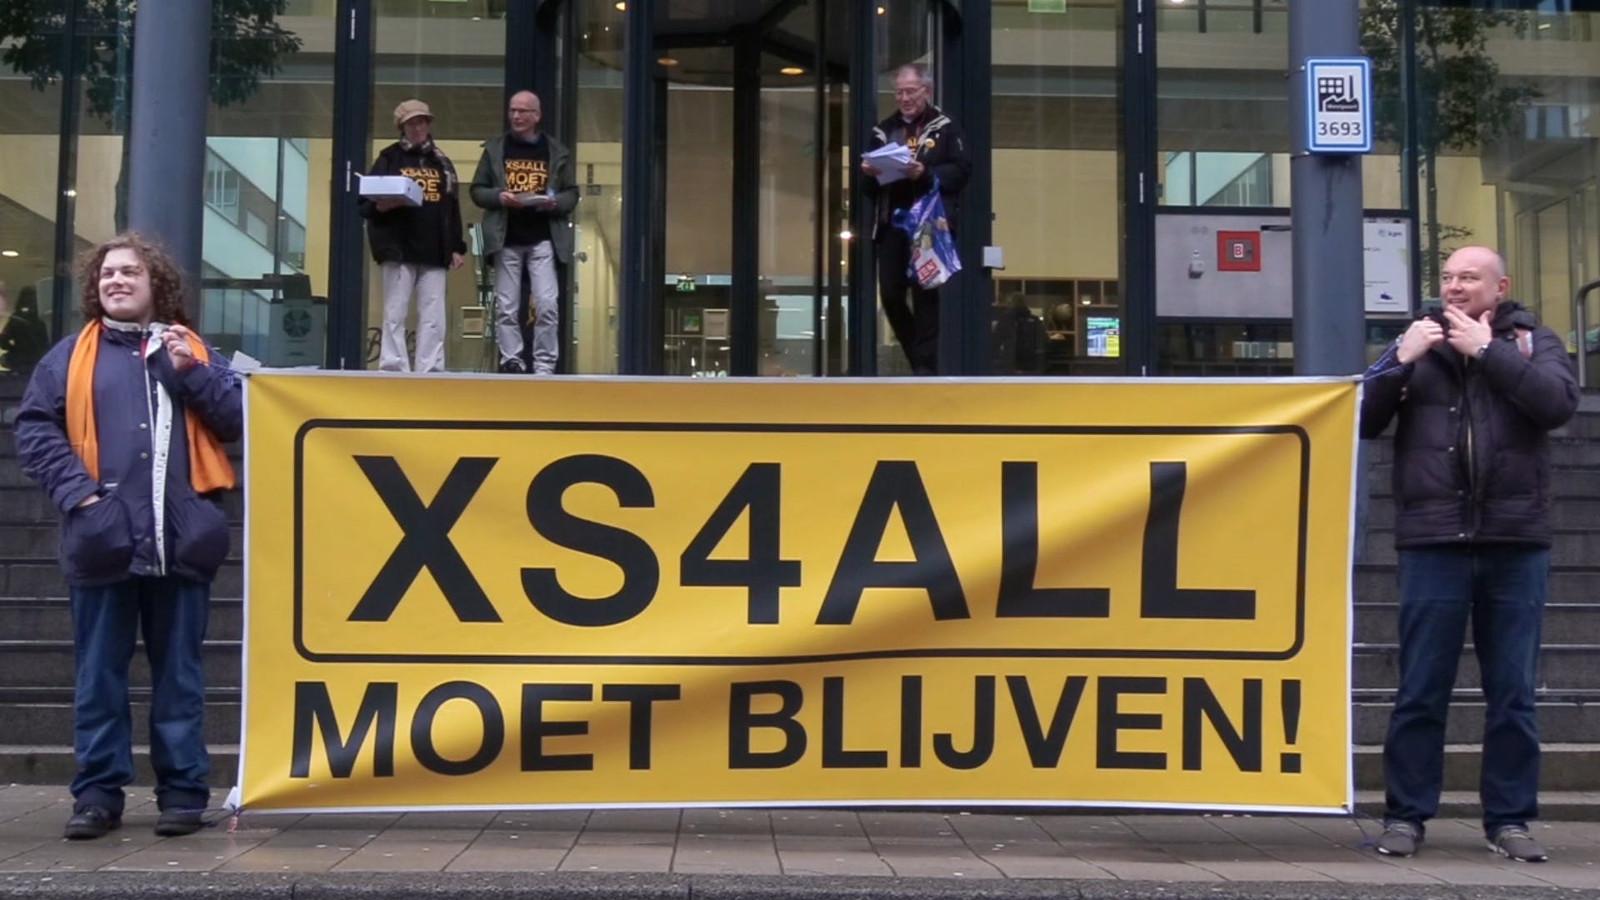 Actiecomité XS4All Moet Blijven demonstreert in februari voor het hoofdkantoor van KPN